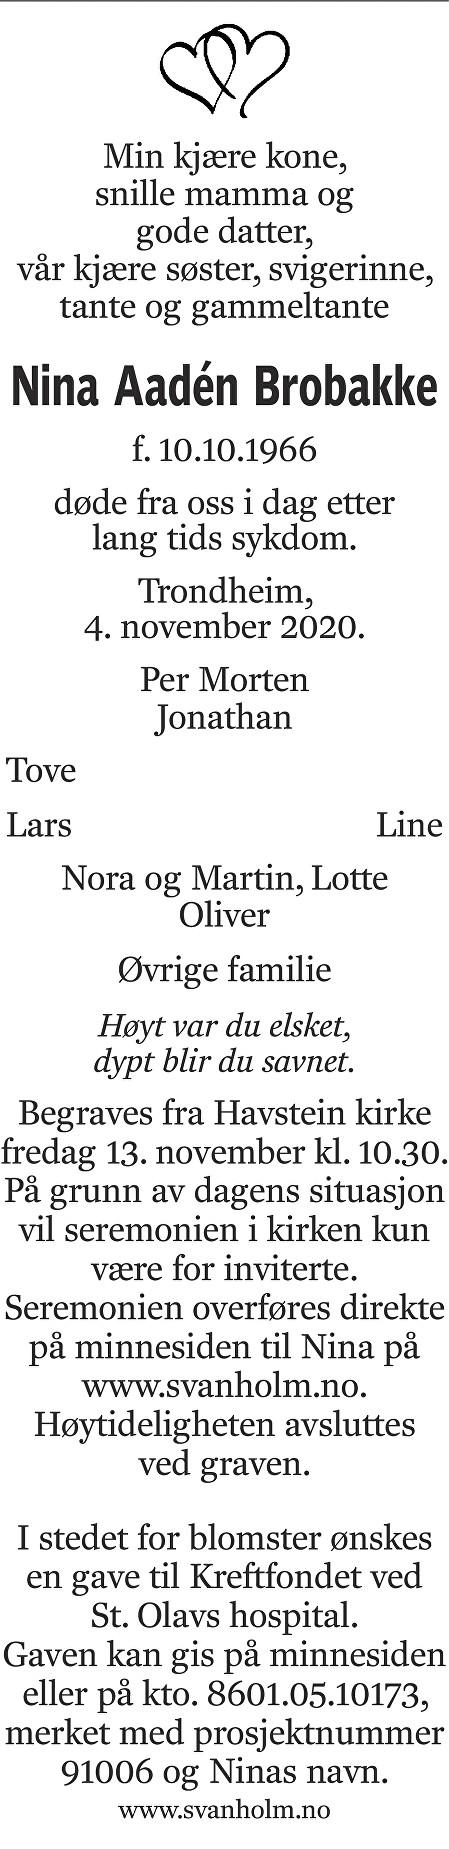 Nina Aadén Brobakke Dødsannonse